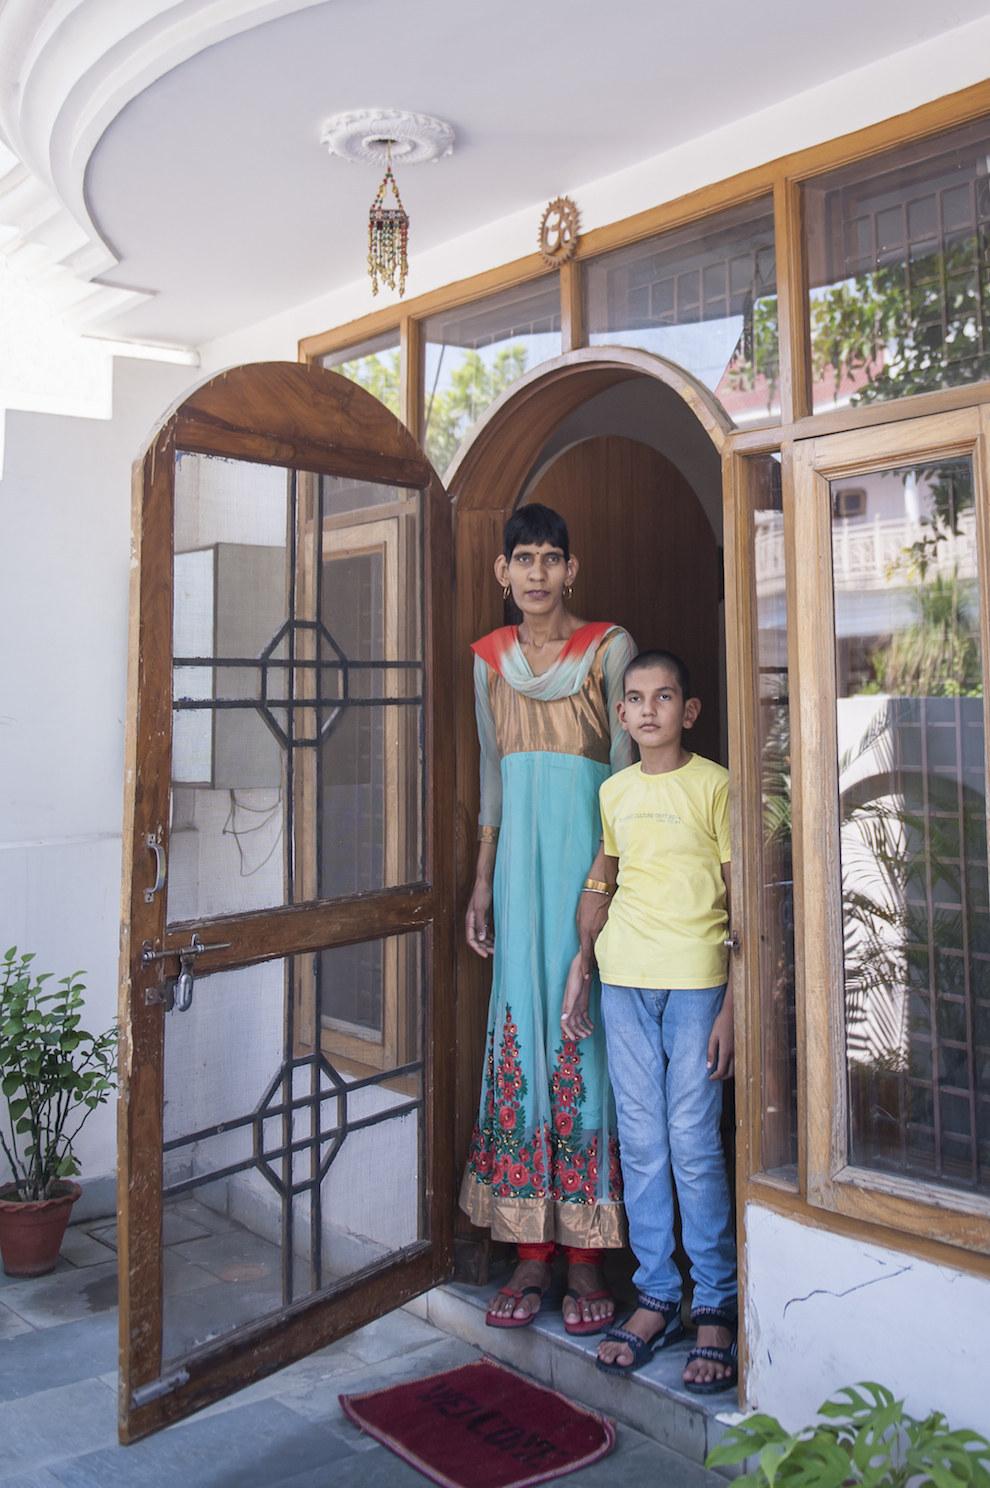 La historia del niño más alto de la India, Karan Singh Original-grid-image-30970-1411126671-4